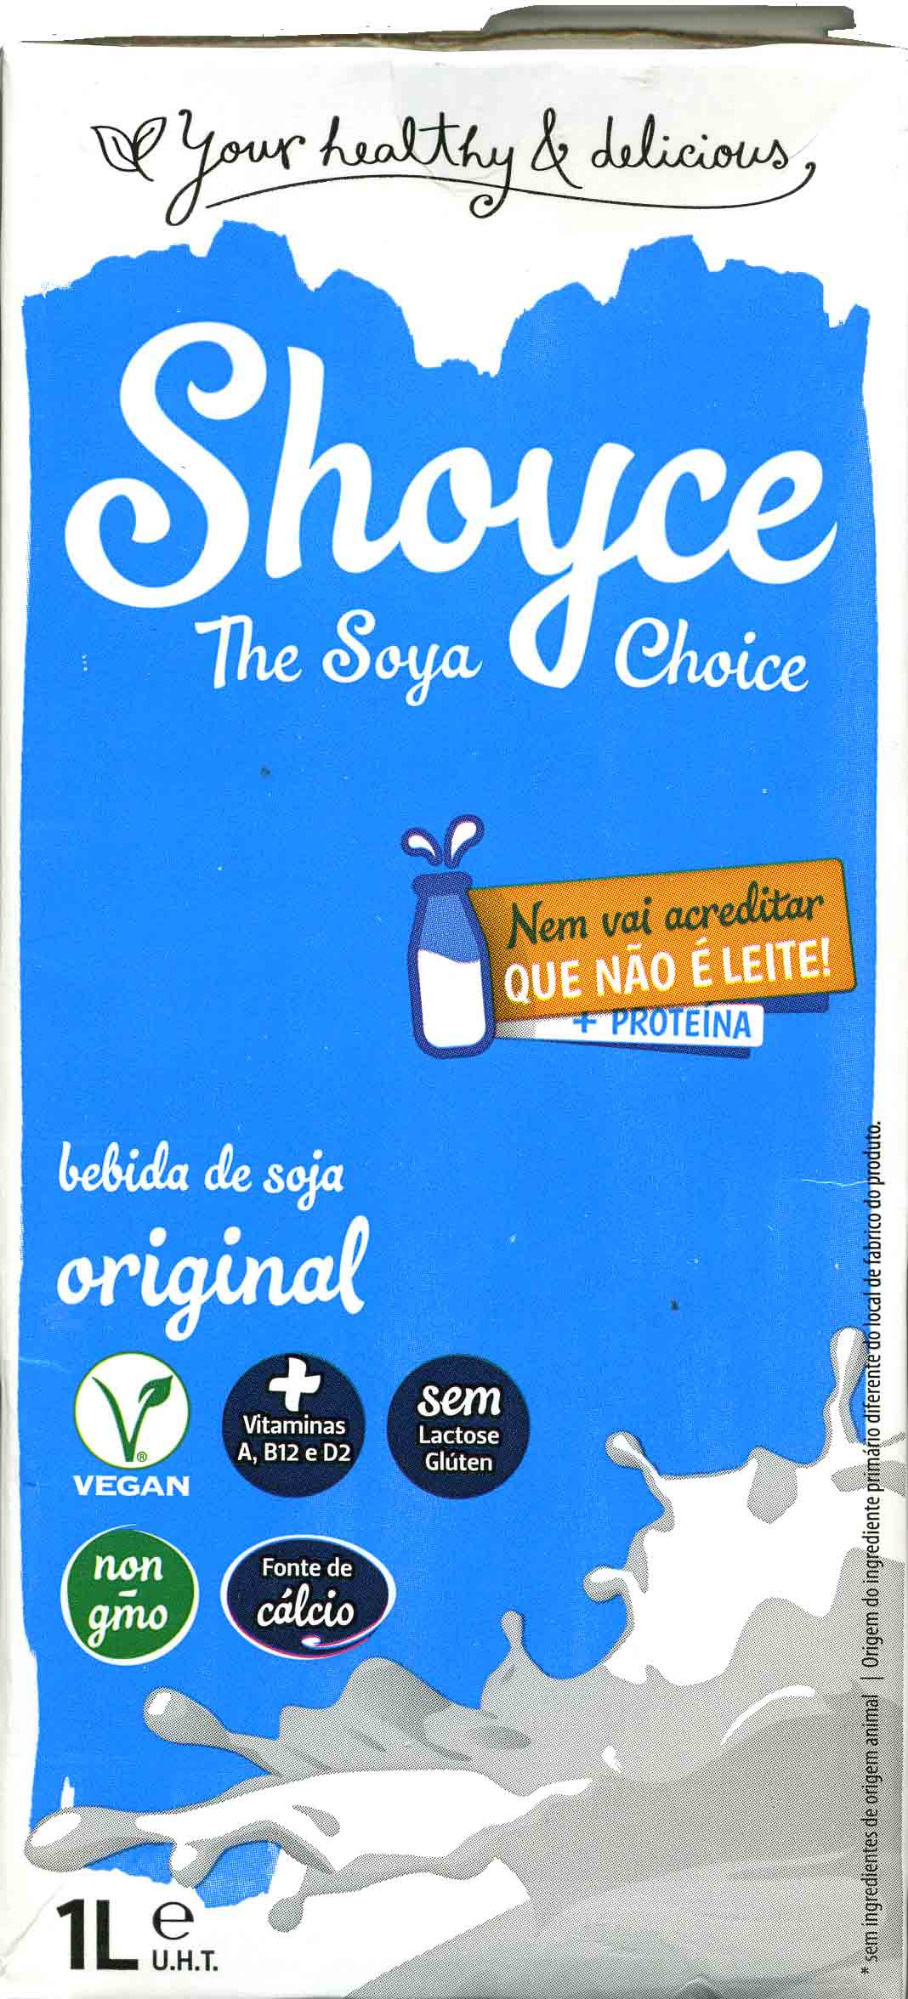 Bebida de soja Original - Producto